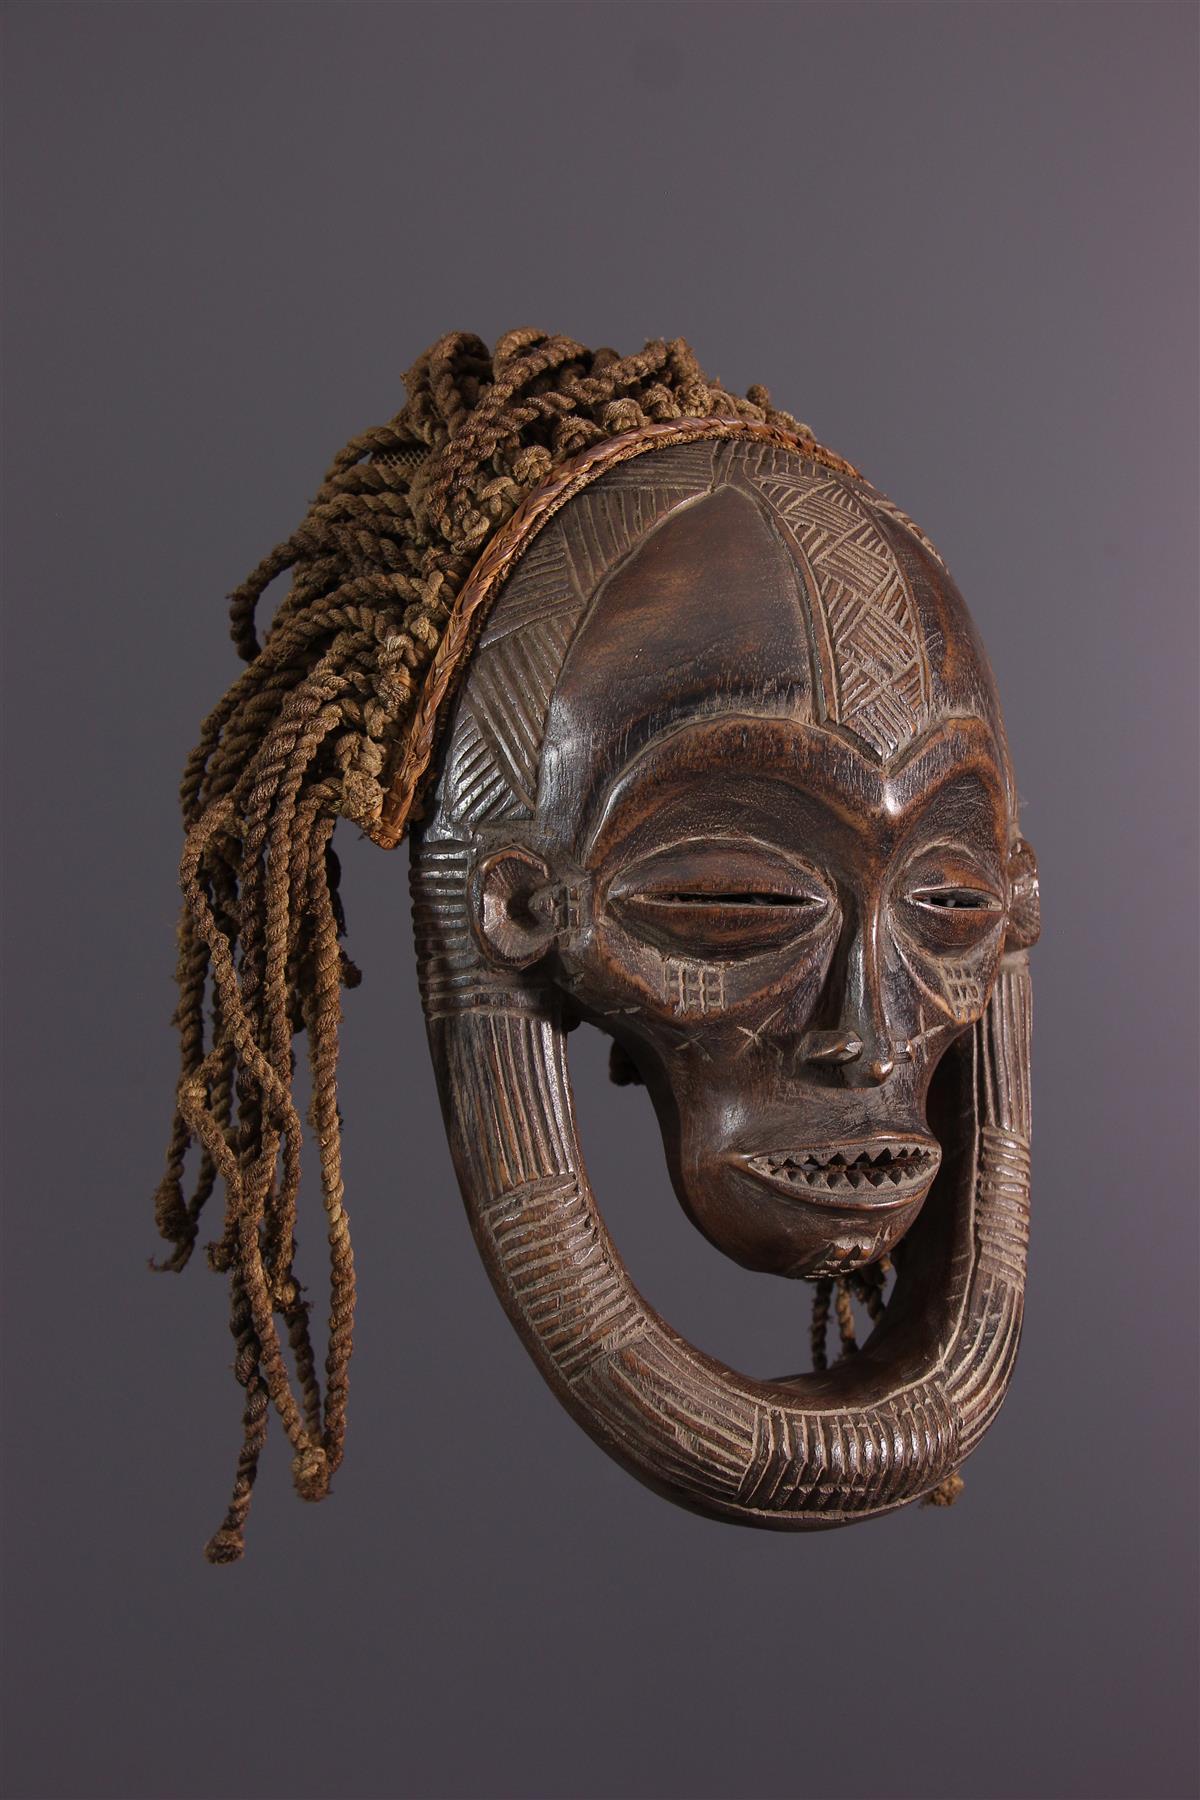 Tschokwe mask - African art